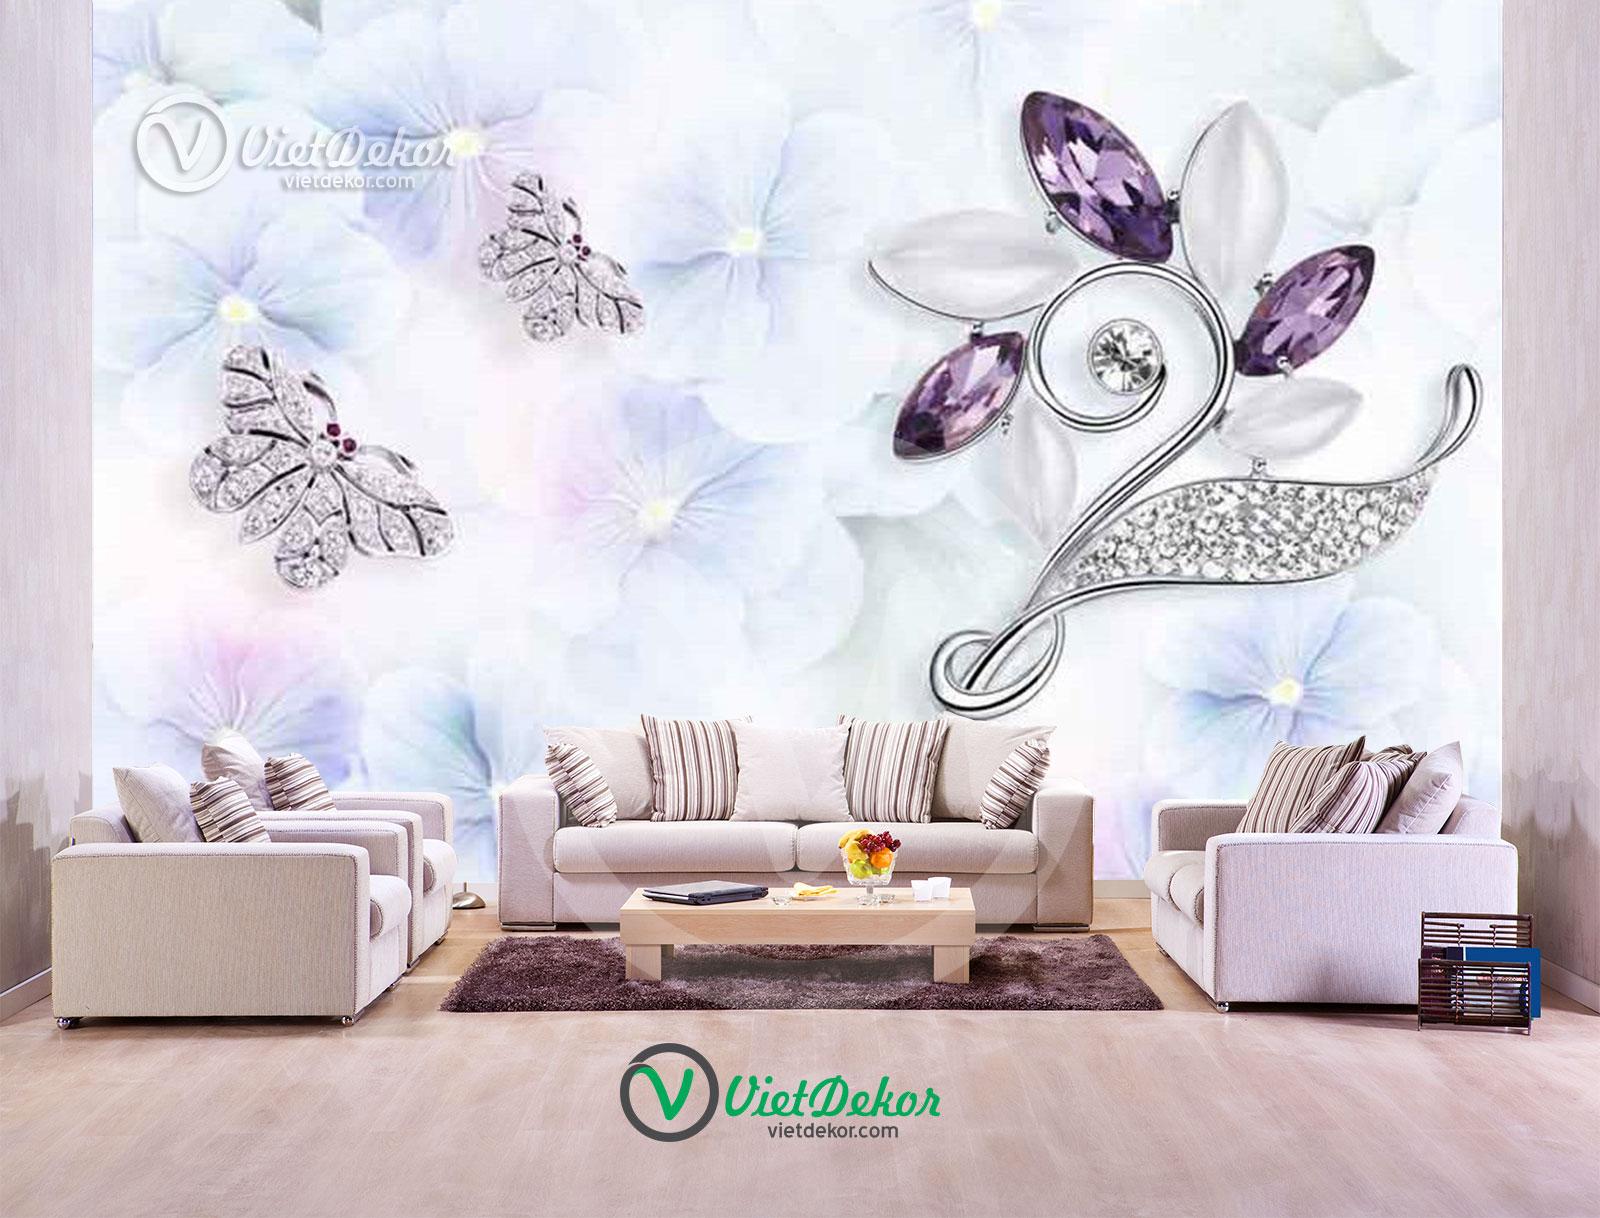 Tranh dán tường 3d hoa bướm trang sức